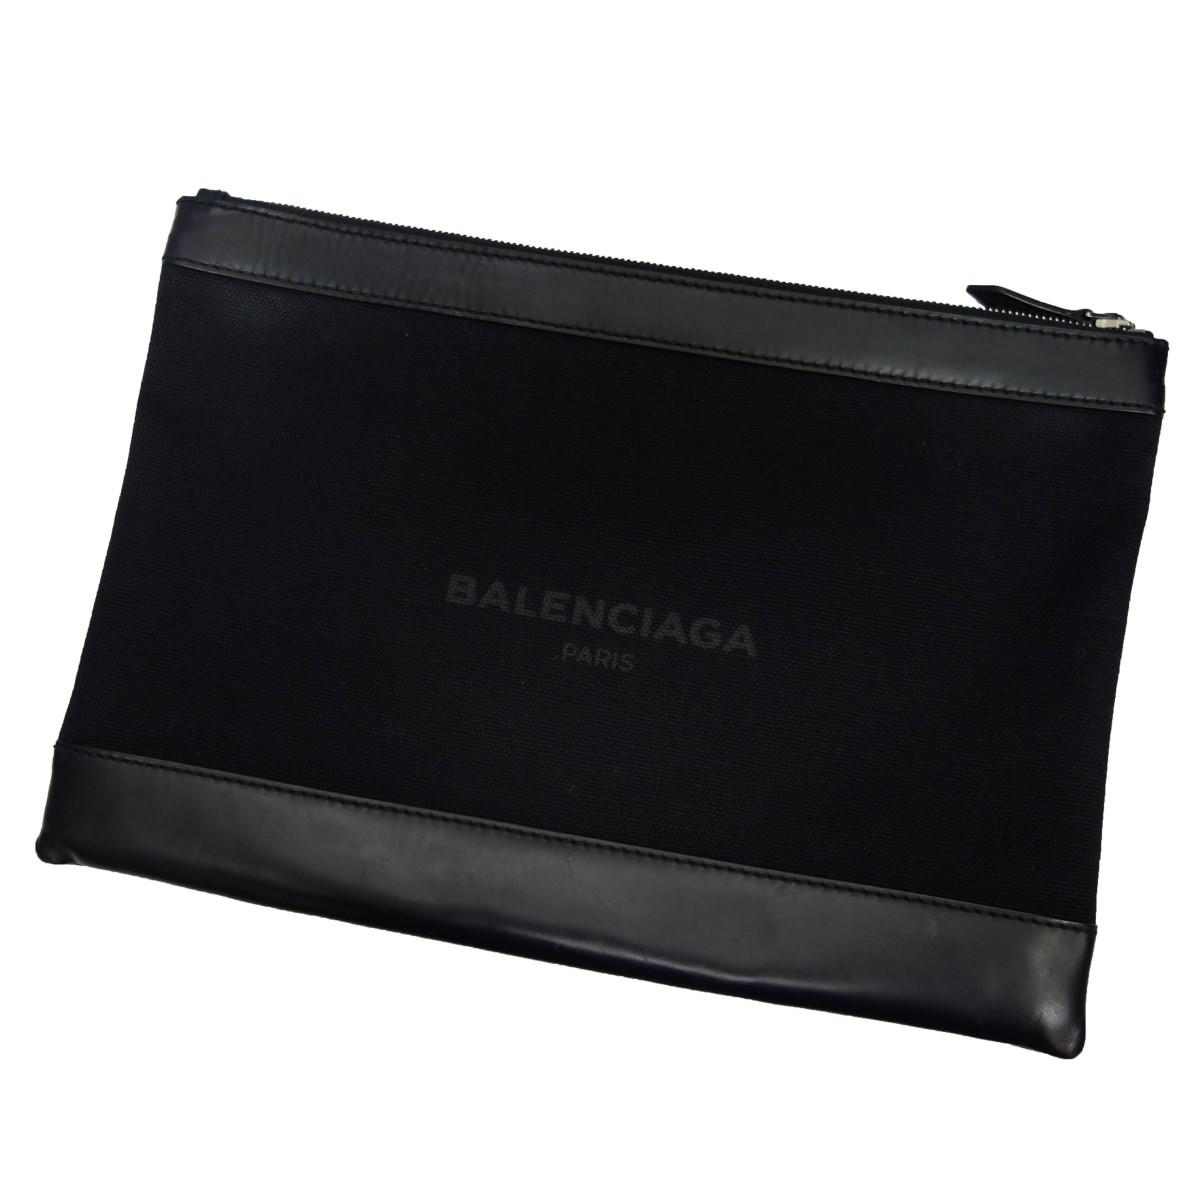 【中古】BALENCIAGA レザー×キャンバスクラッチバッグ ブラック 【080420】(バレンシアガ)